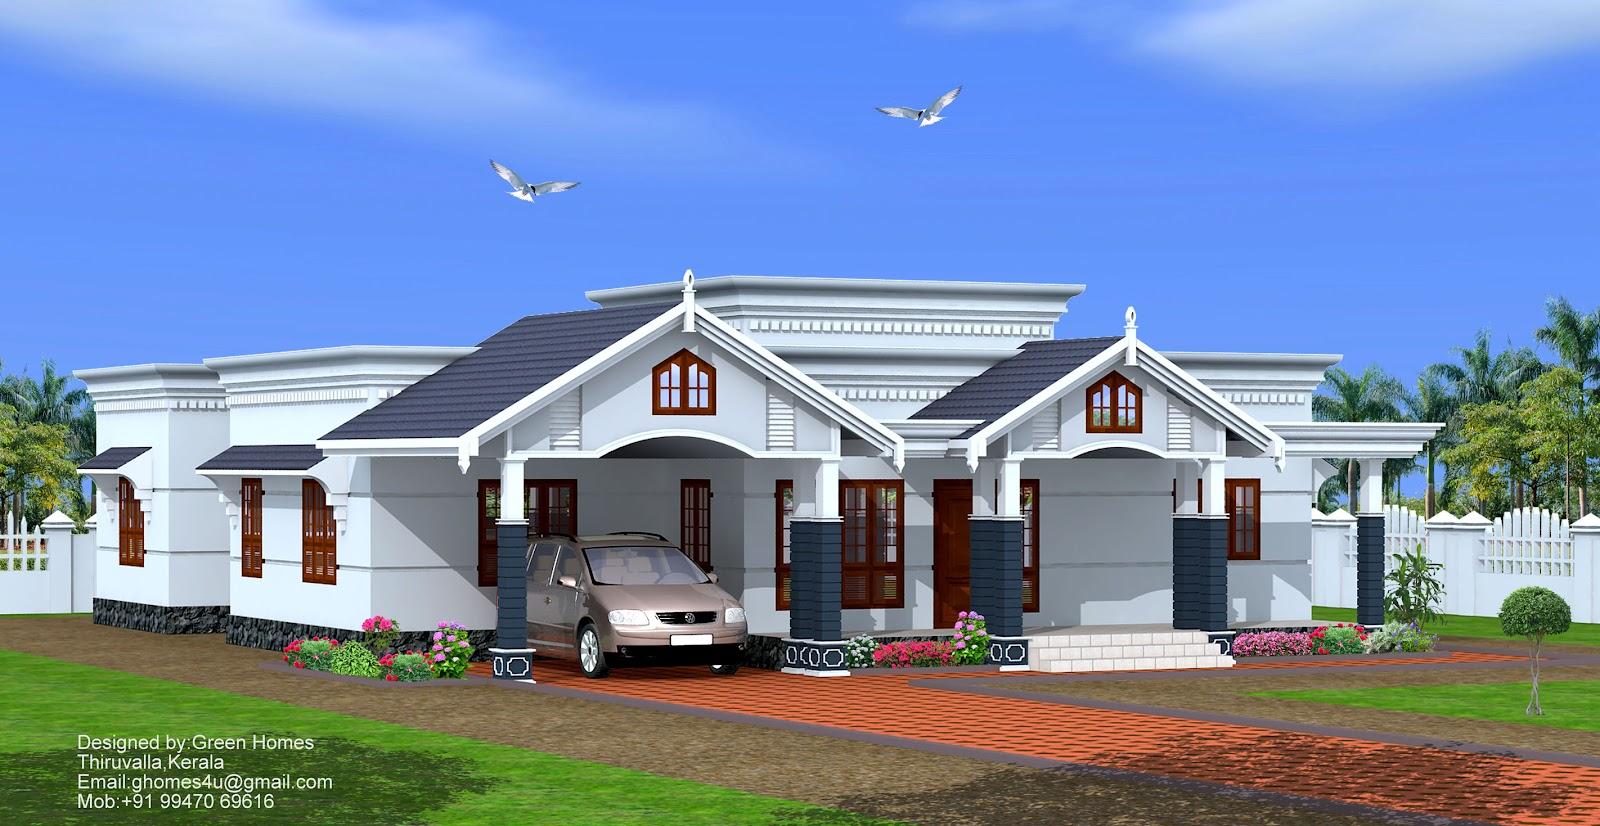 Green Homes: 4 bedroom kerala home design-2750 Sq.feet